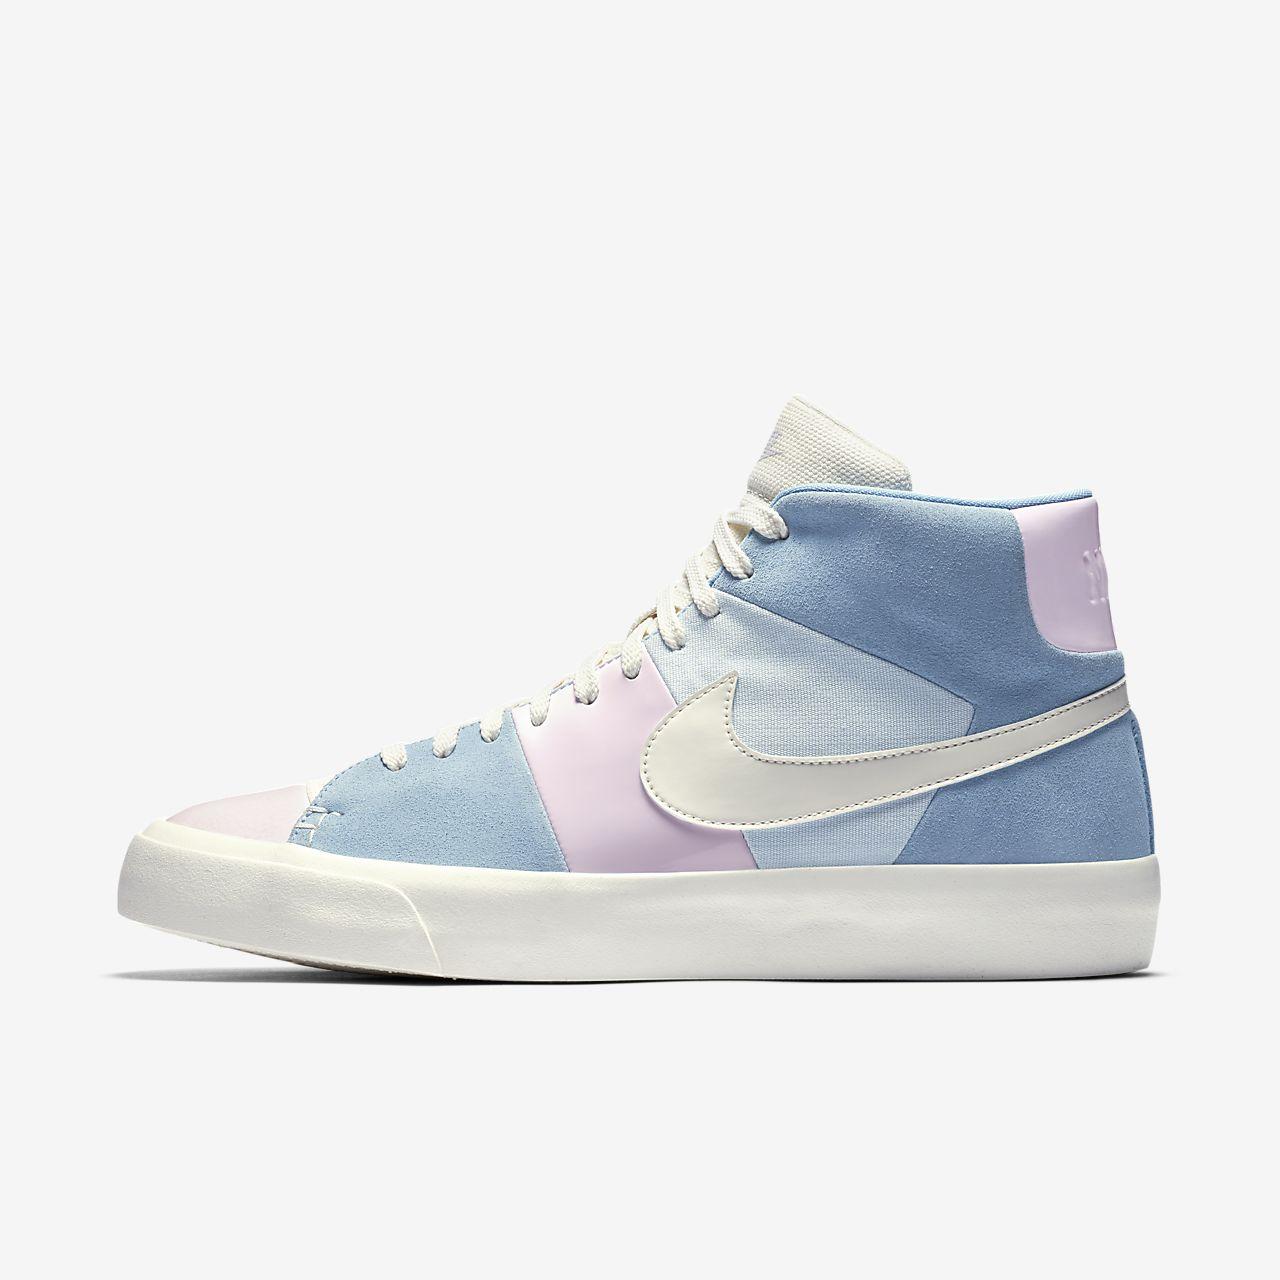 quality design 53839 a3ac5 ... Nike Blazer Royal Easter QS-sko til mænd